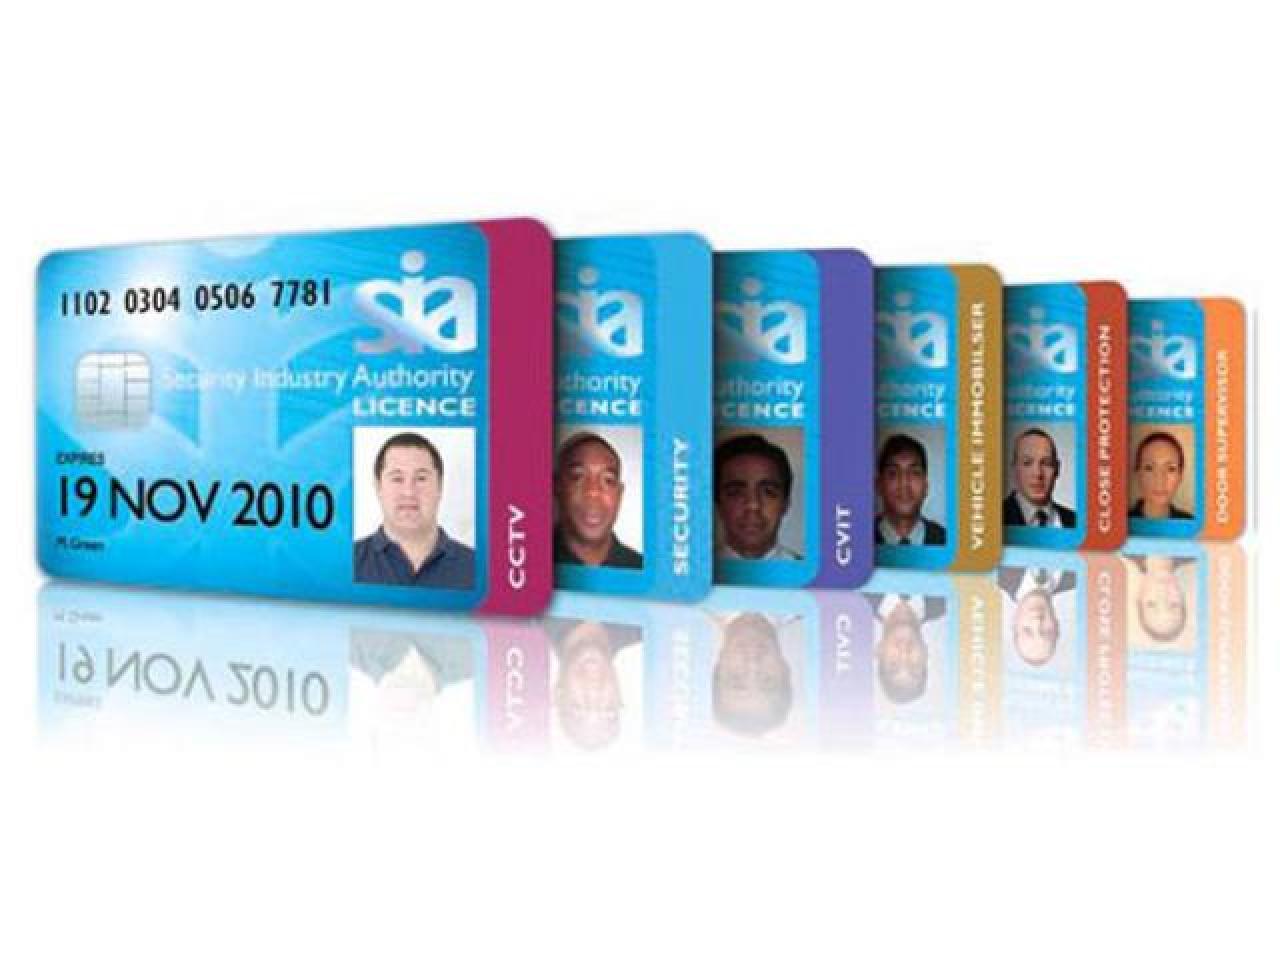 Security Company требуются мужчины и женщины на работу охранником,обучаем,помогаем получить лицензию - 2